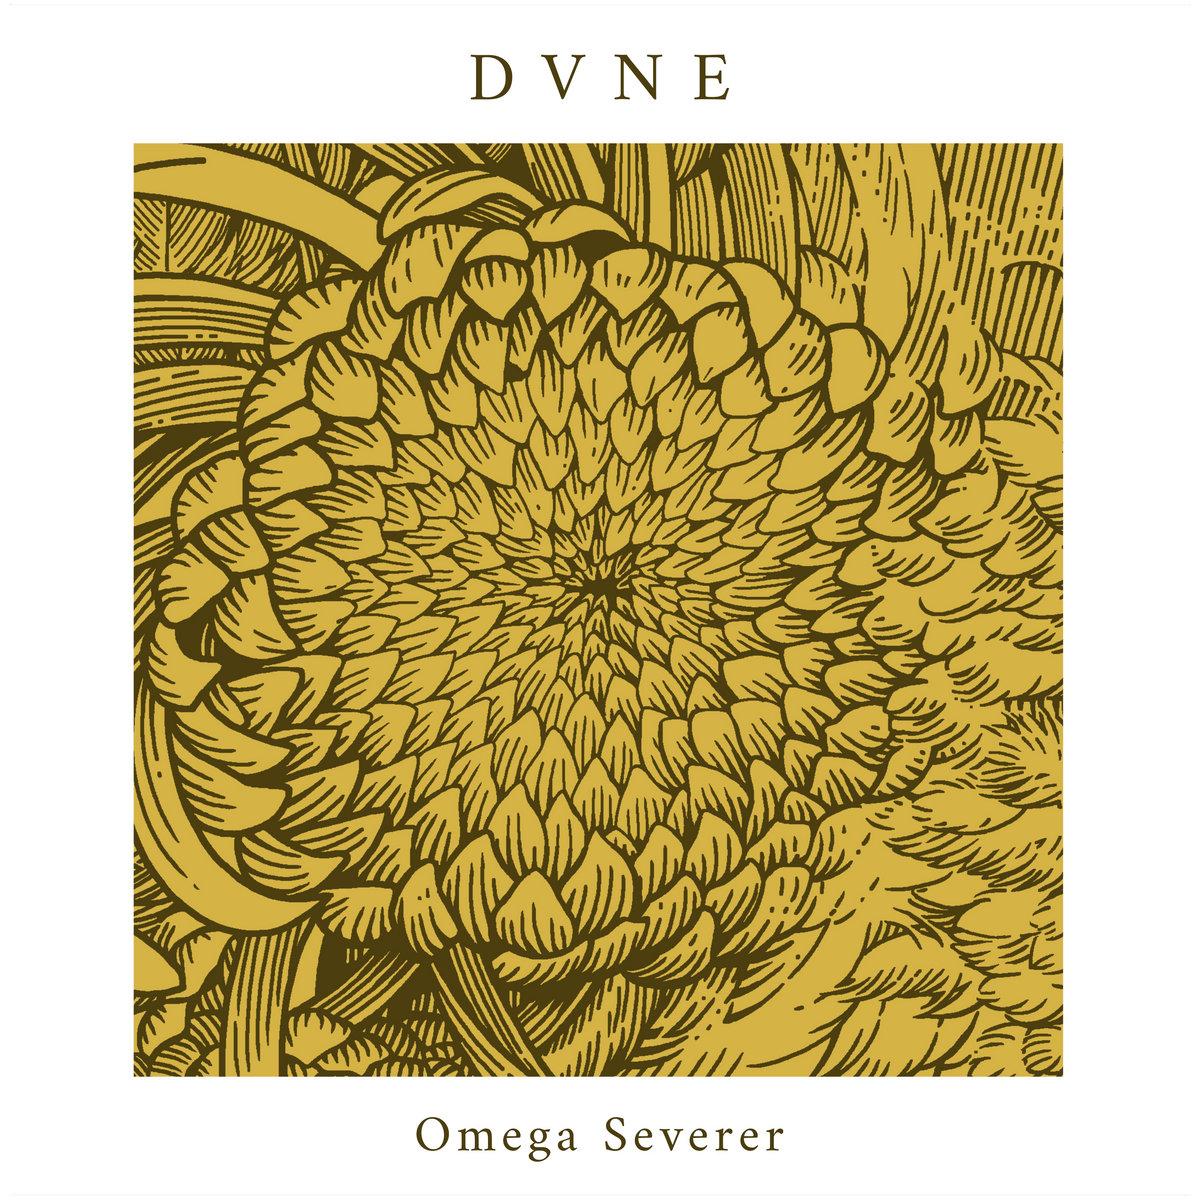 DVNE Omega Severer